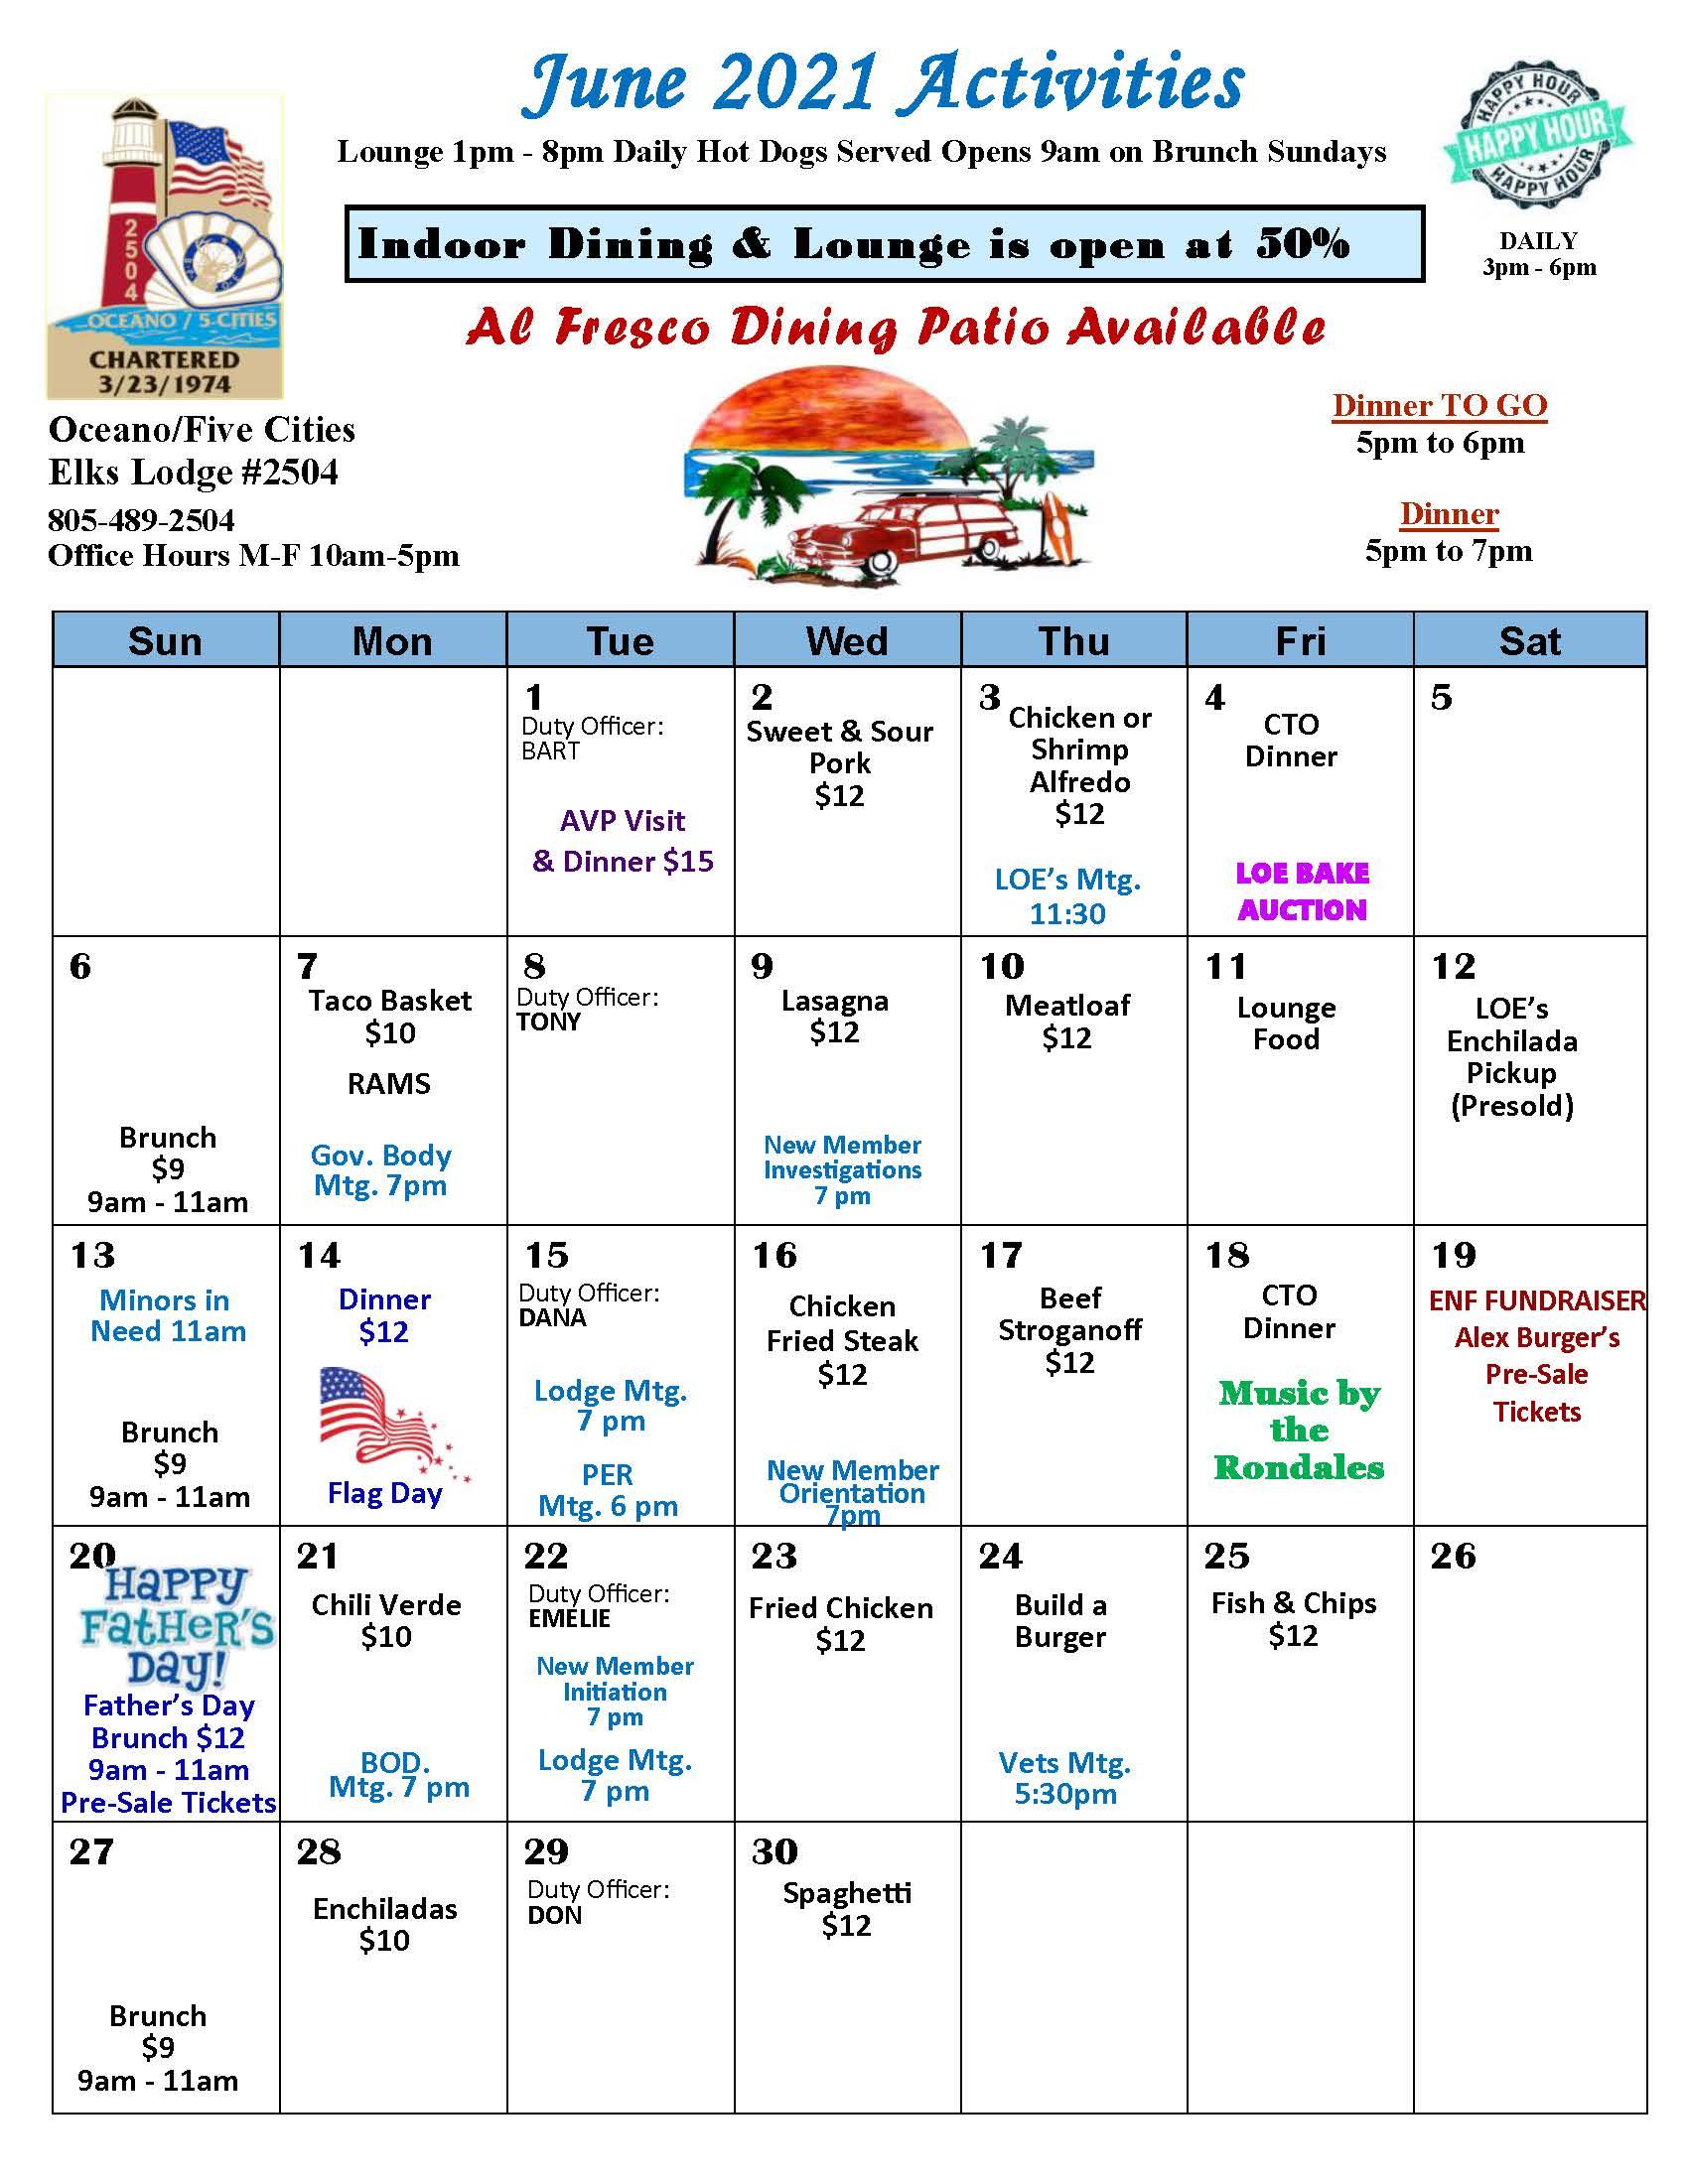 June 2021 Event Calendar